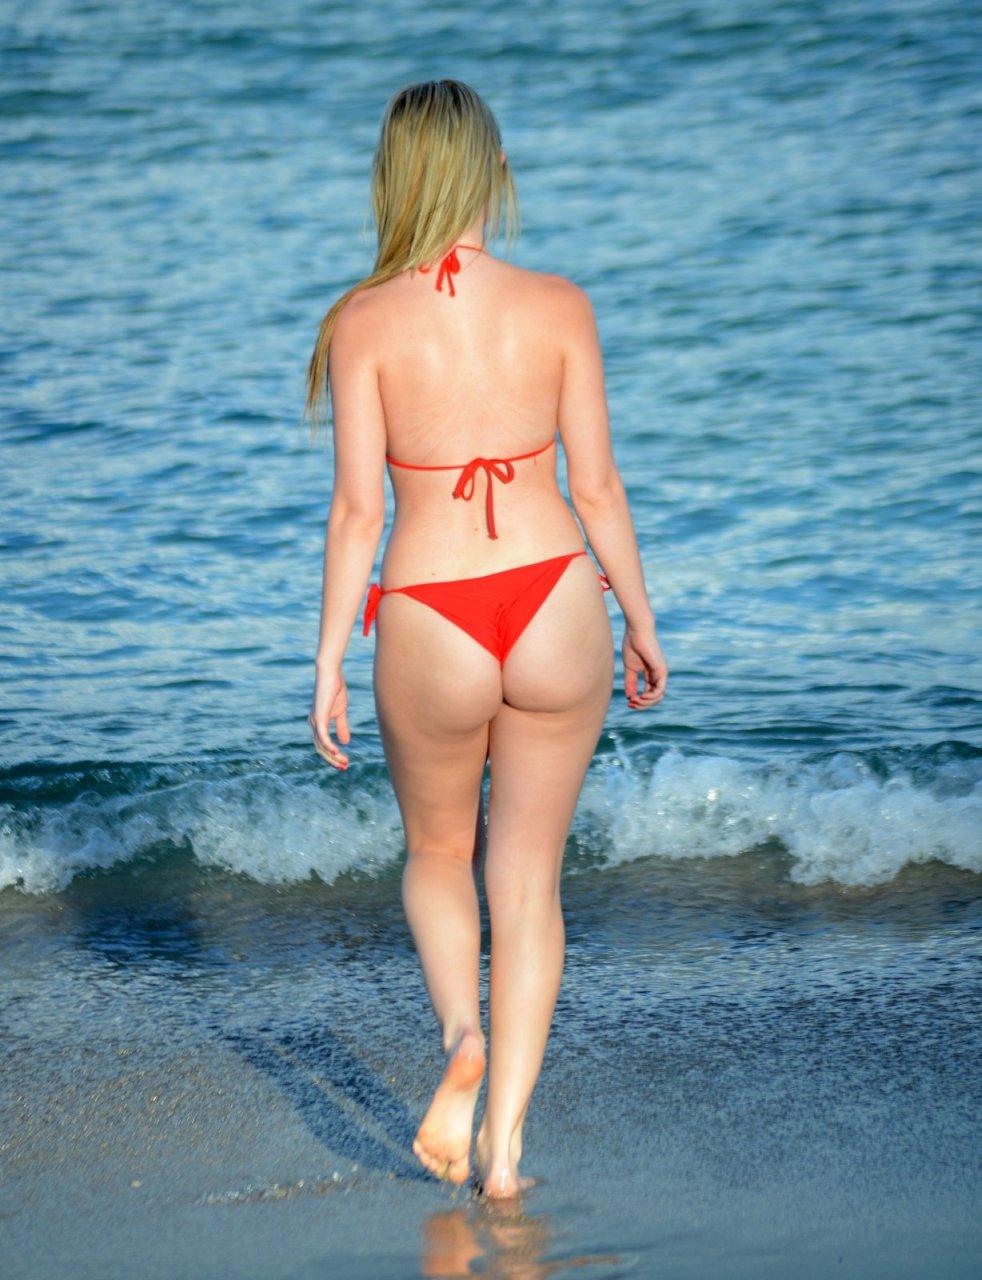 Rachel-Sanders-in-a-Bikini-8